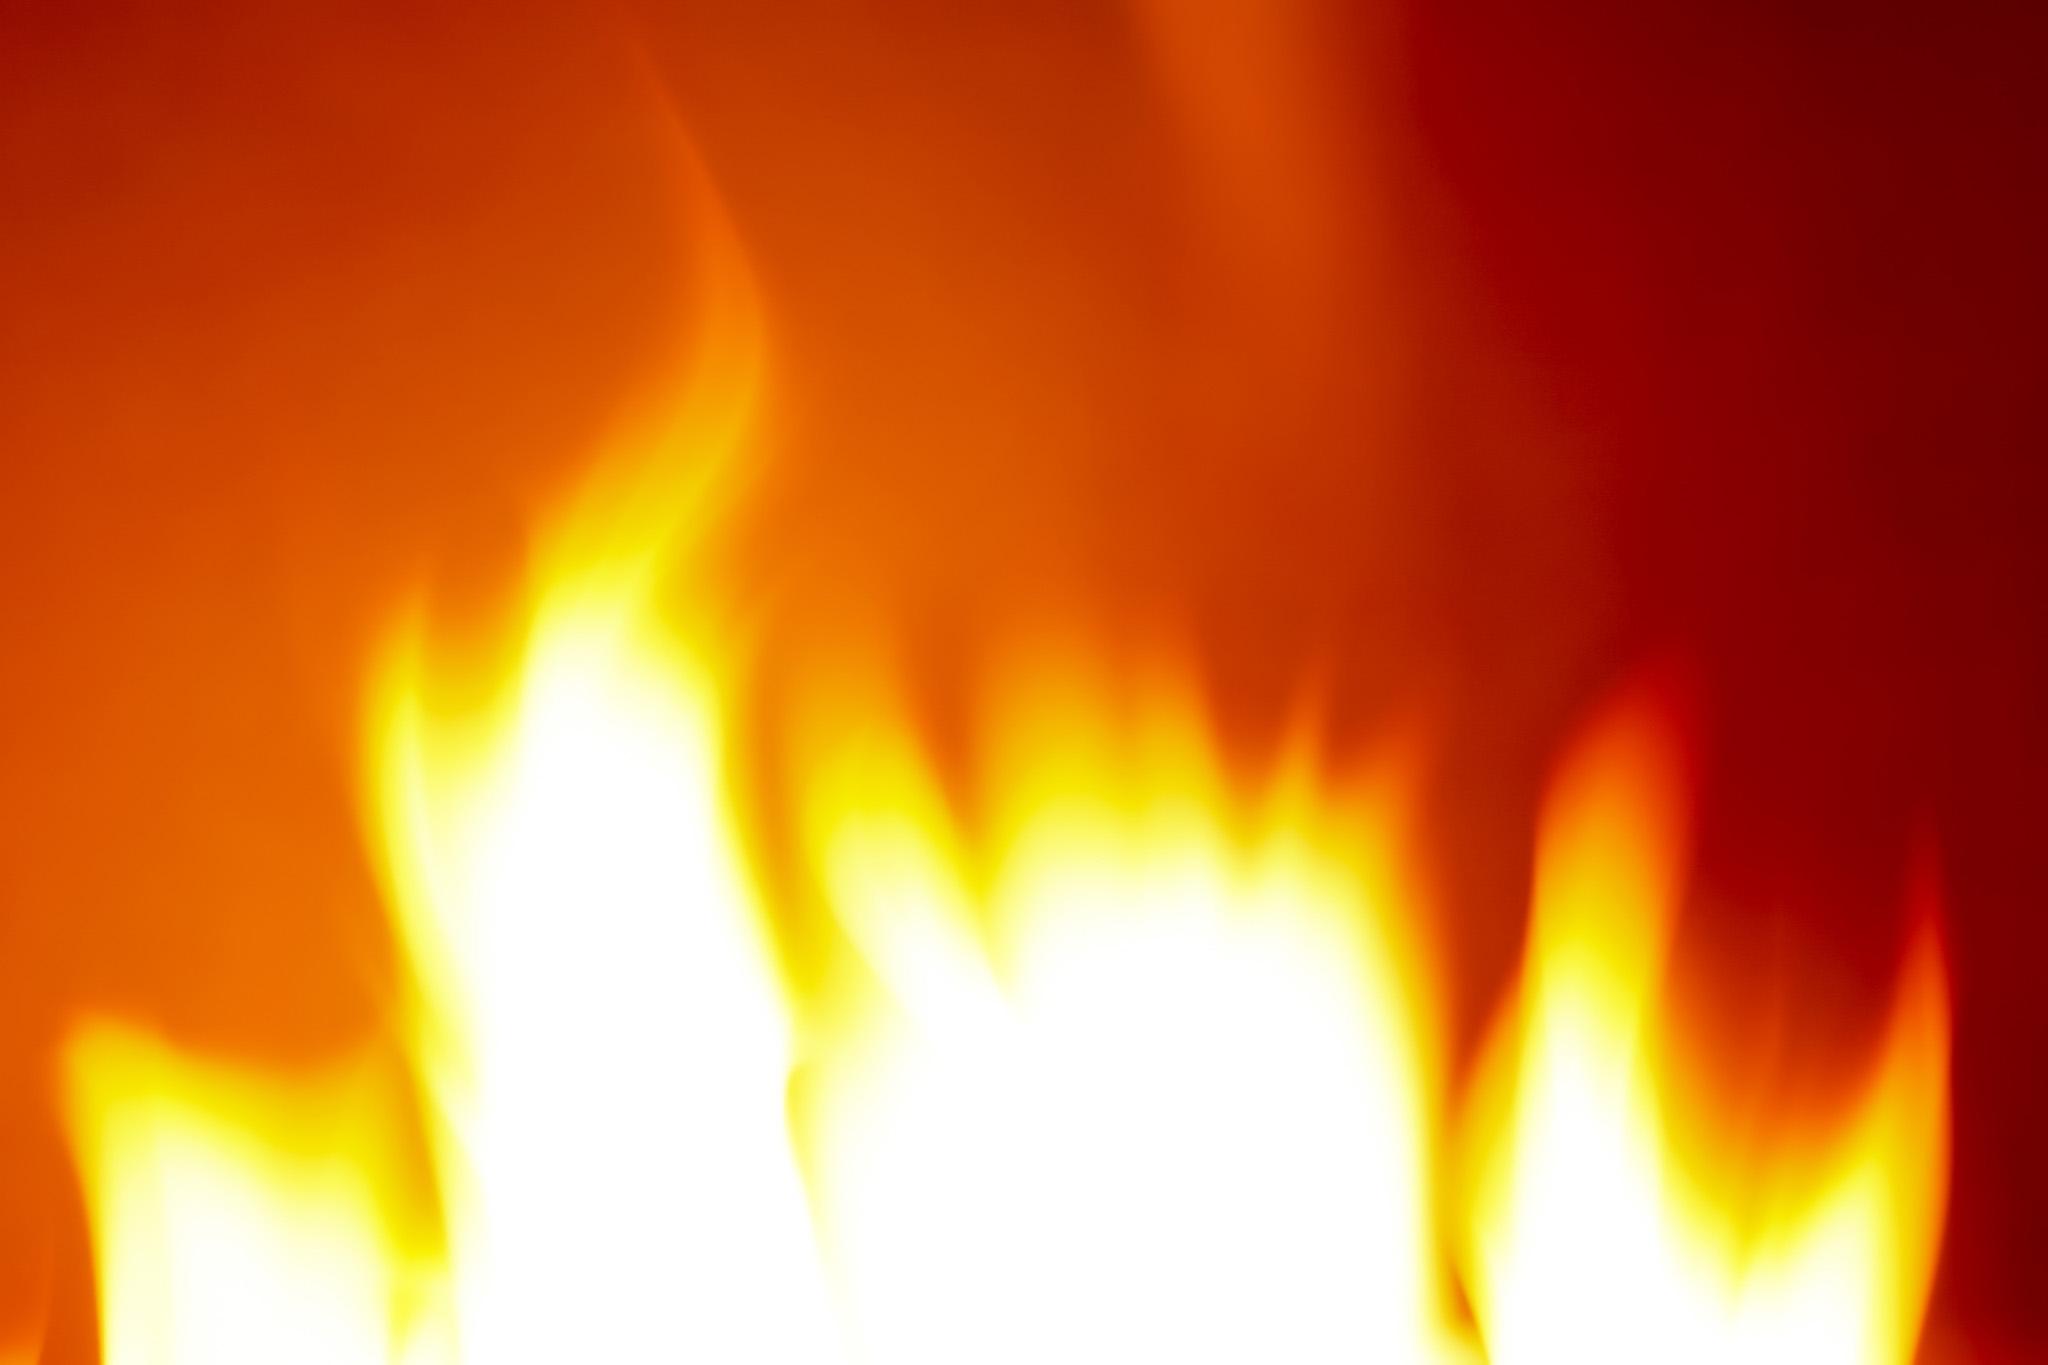 「周りを赤く照らす火」